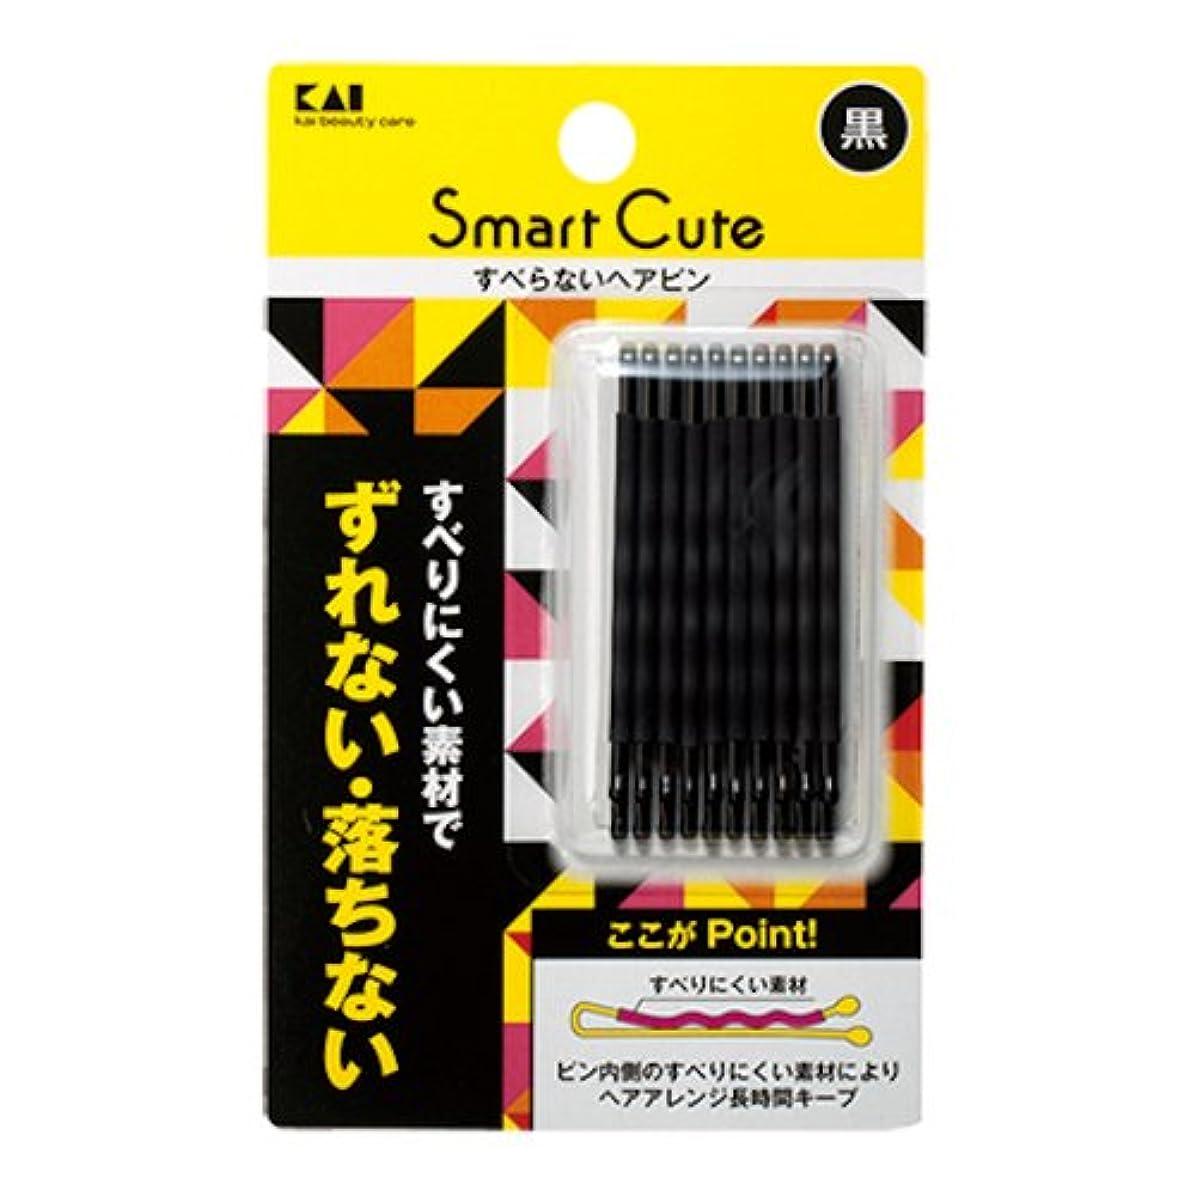 大人シエスタ報酬の貝印(KAI) スマートキュート(SmartCute) すべらないヘアピン黒